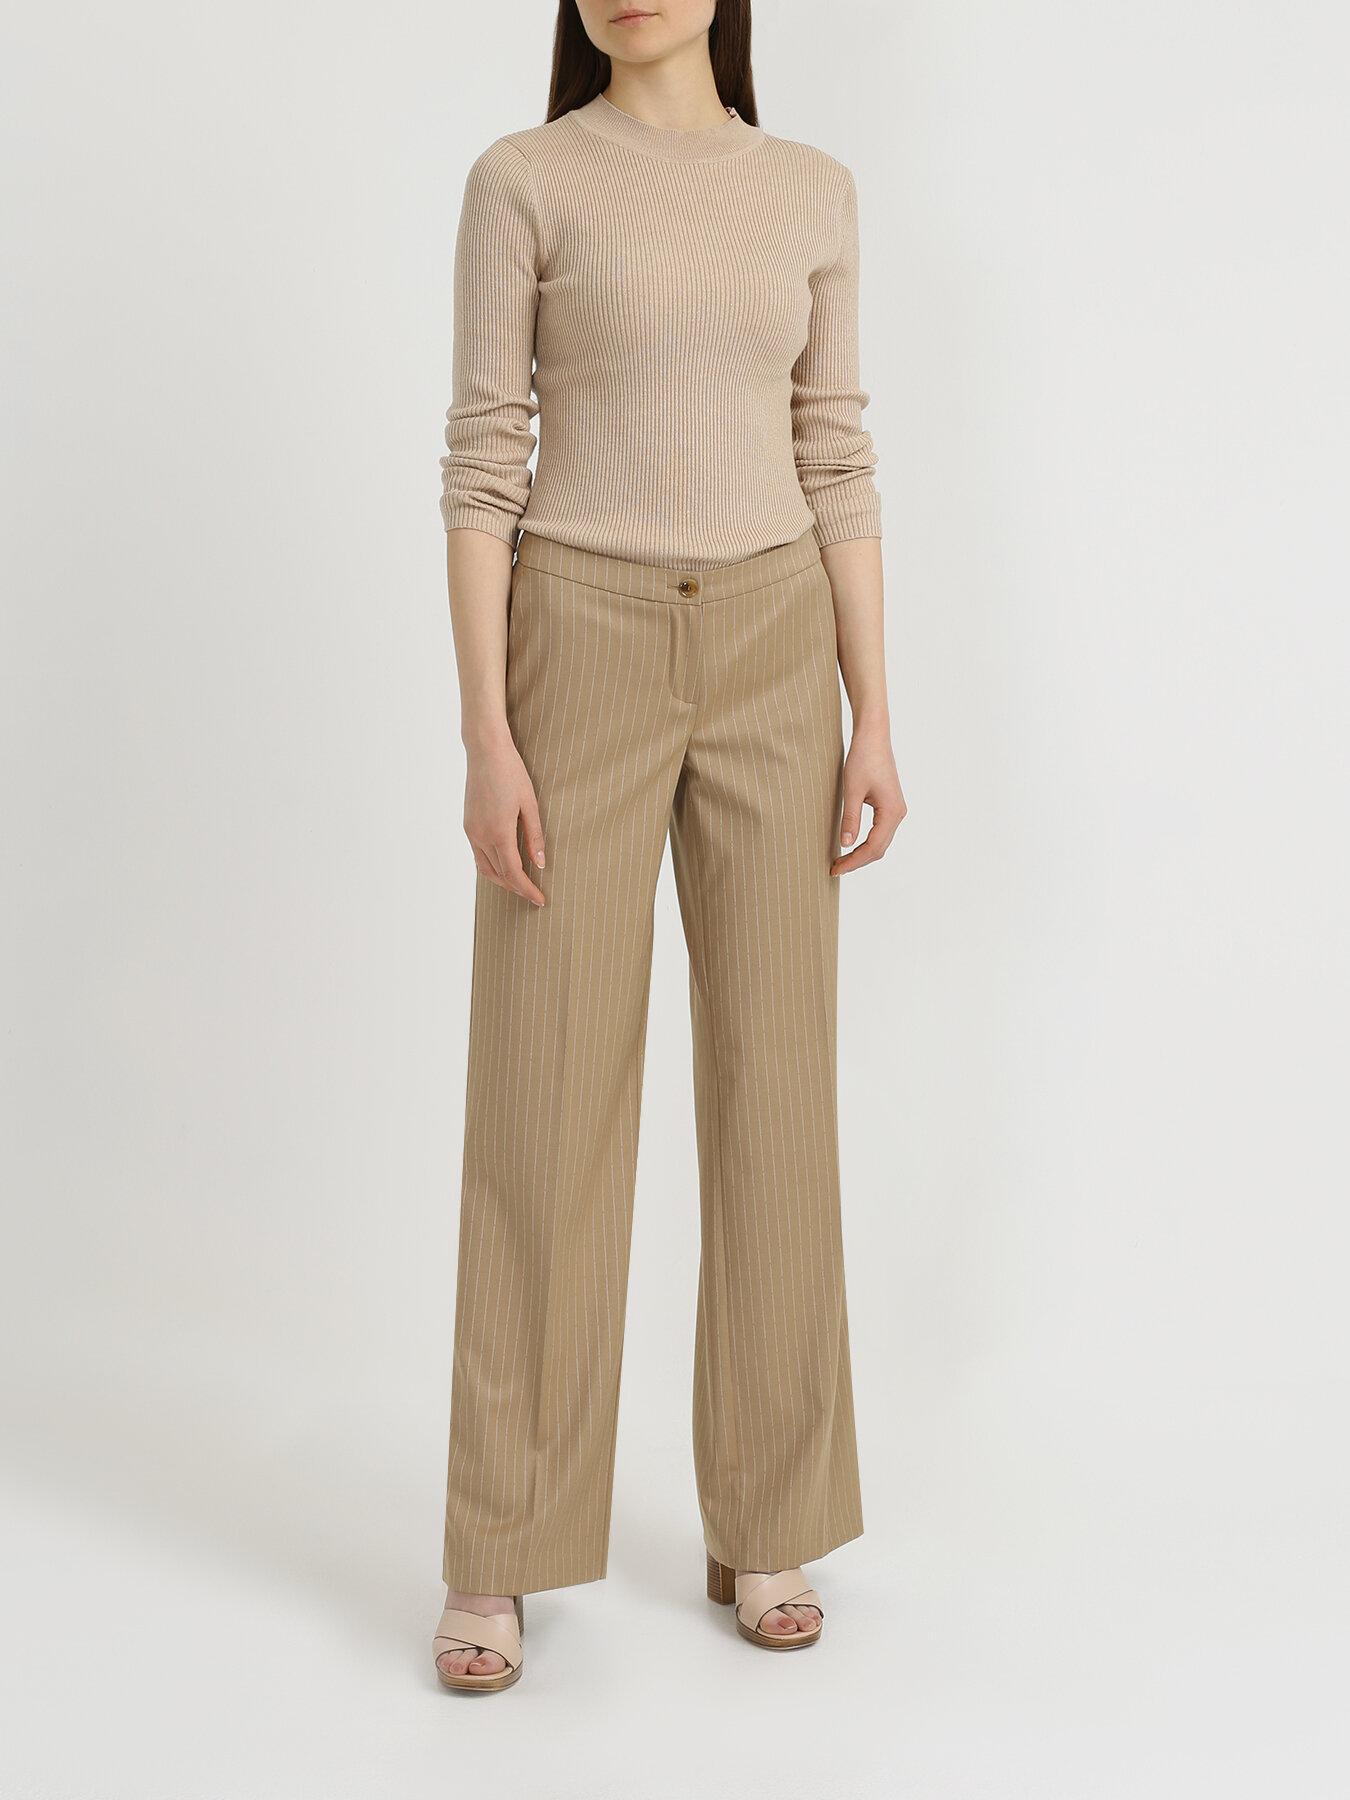 Брюки ORSA Orange Женские брюки Brunilda